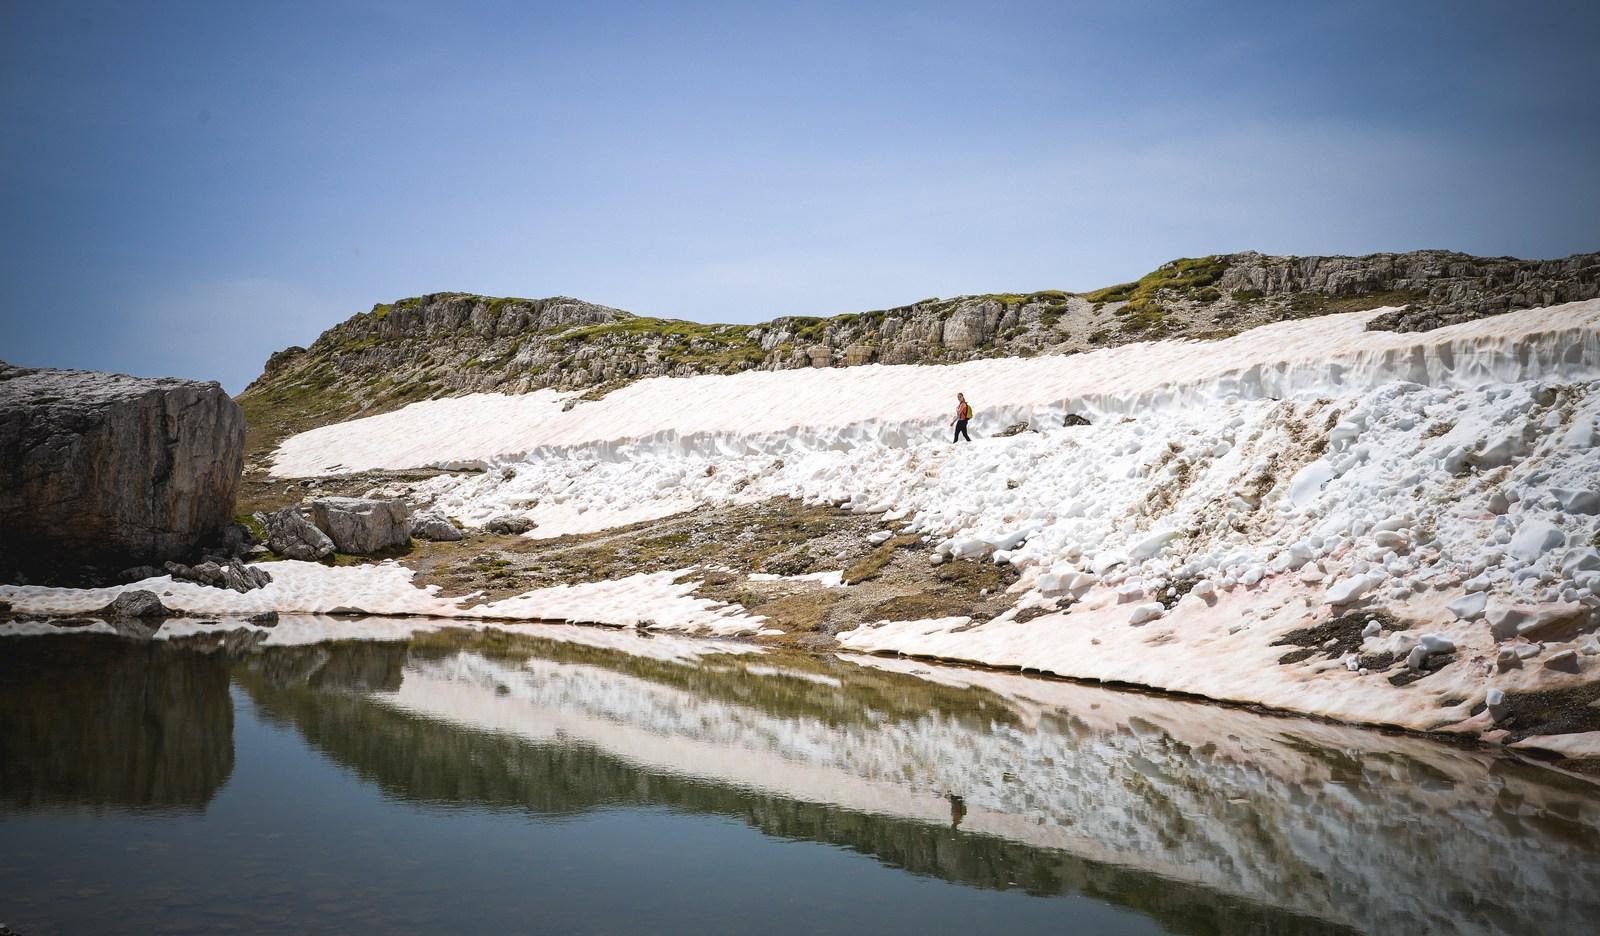 Glace et eau dans parc naturel di Lavadero Parco naturale Tre Cime